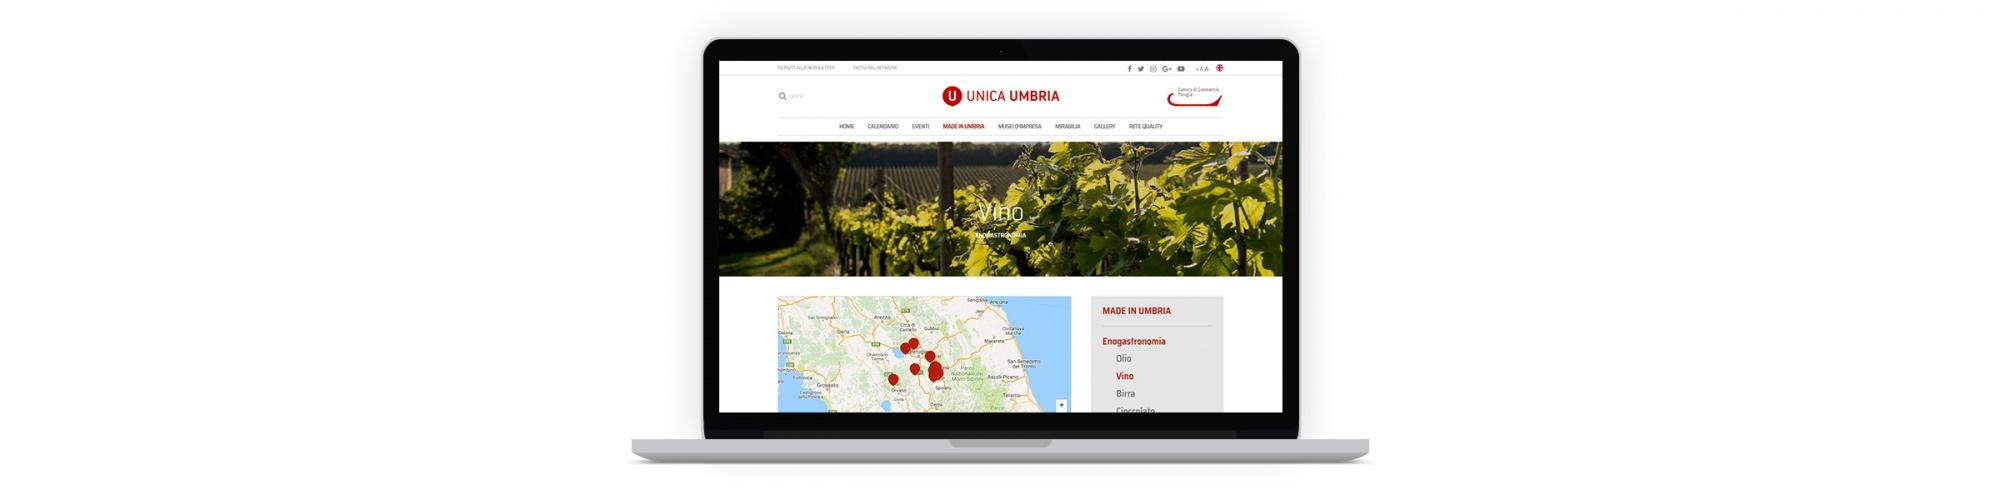 Sesinet Portfolio | Sito web per Unica Umbria